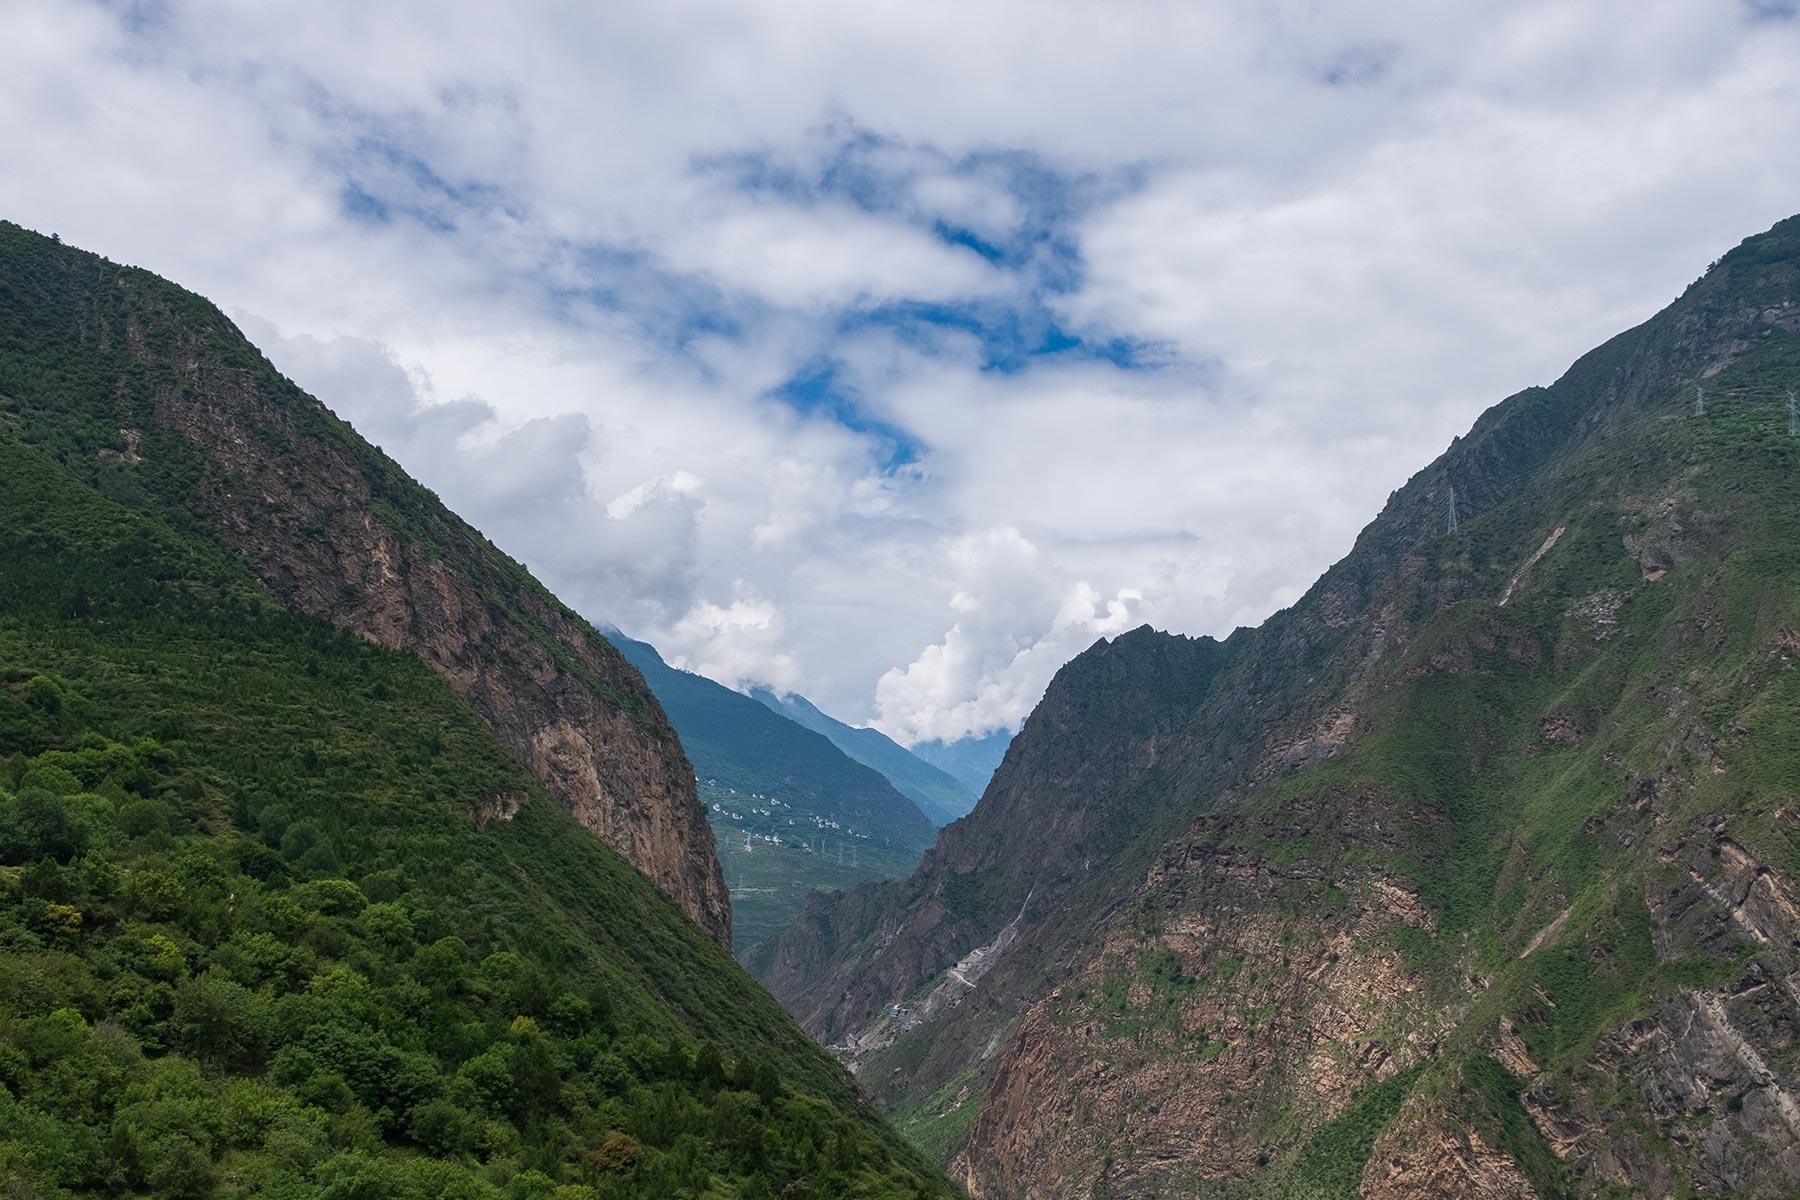 Schlucht nahe des tibetischen Dorfes Danba Zangzhai in China